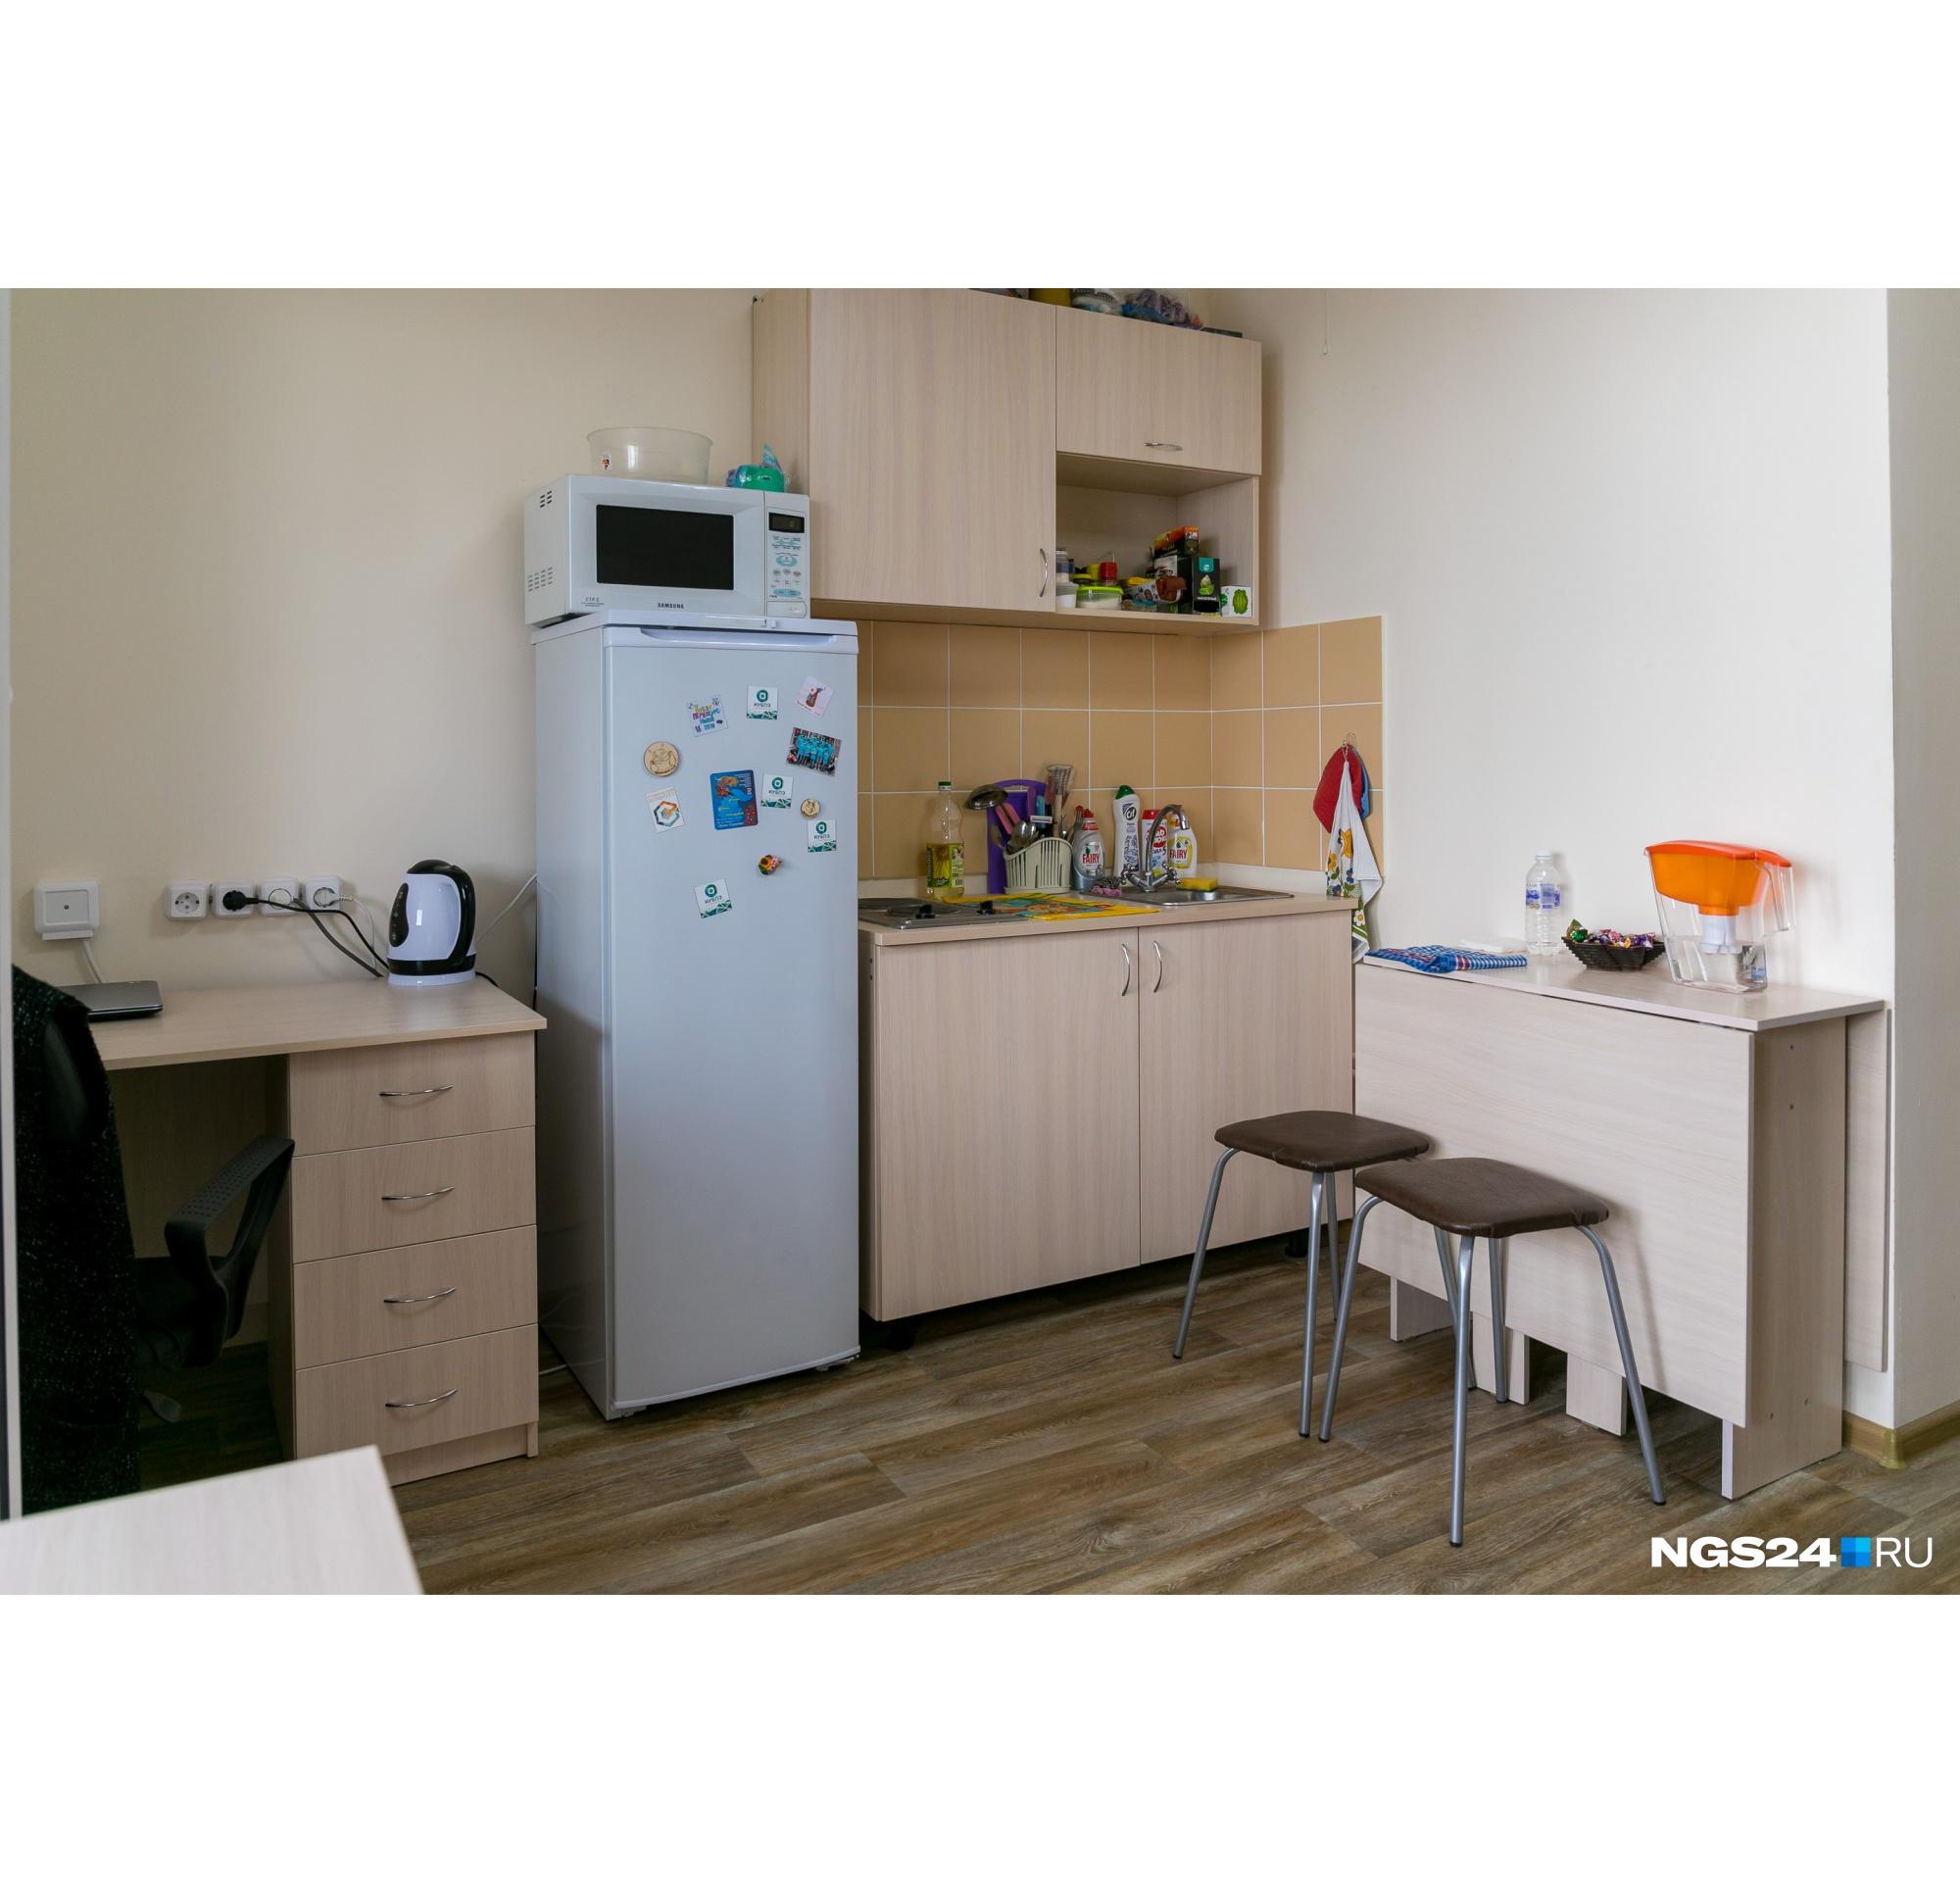 Студенты живут в студиях — кухня расположена в той же комнате, что и спальня